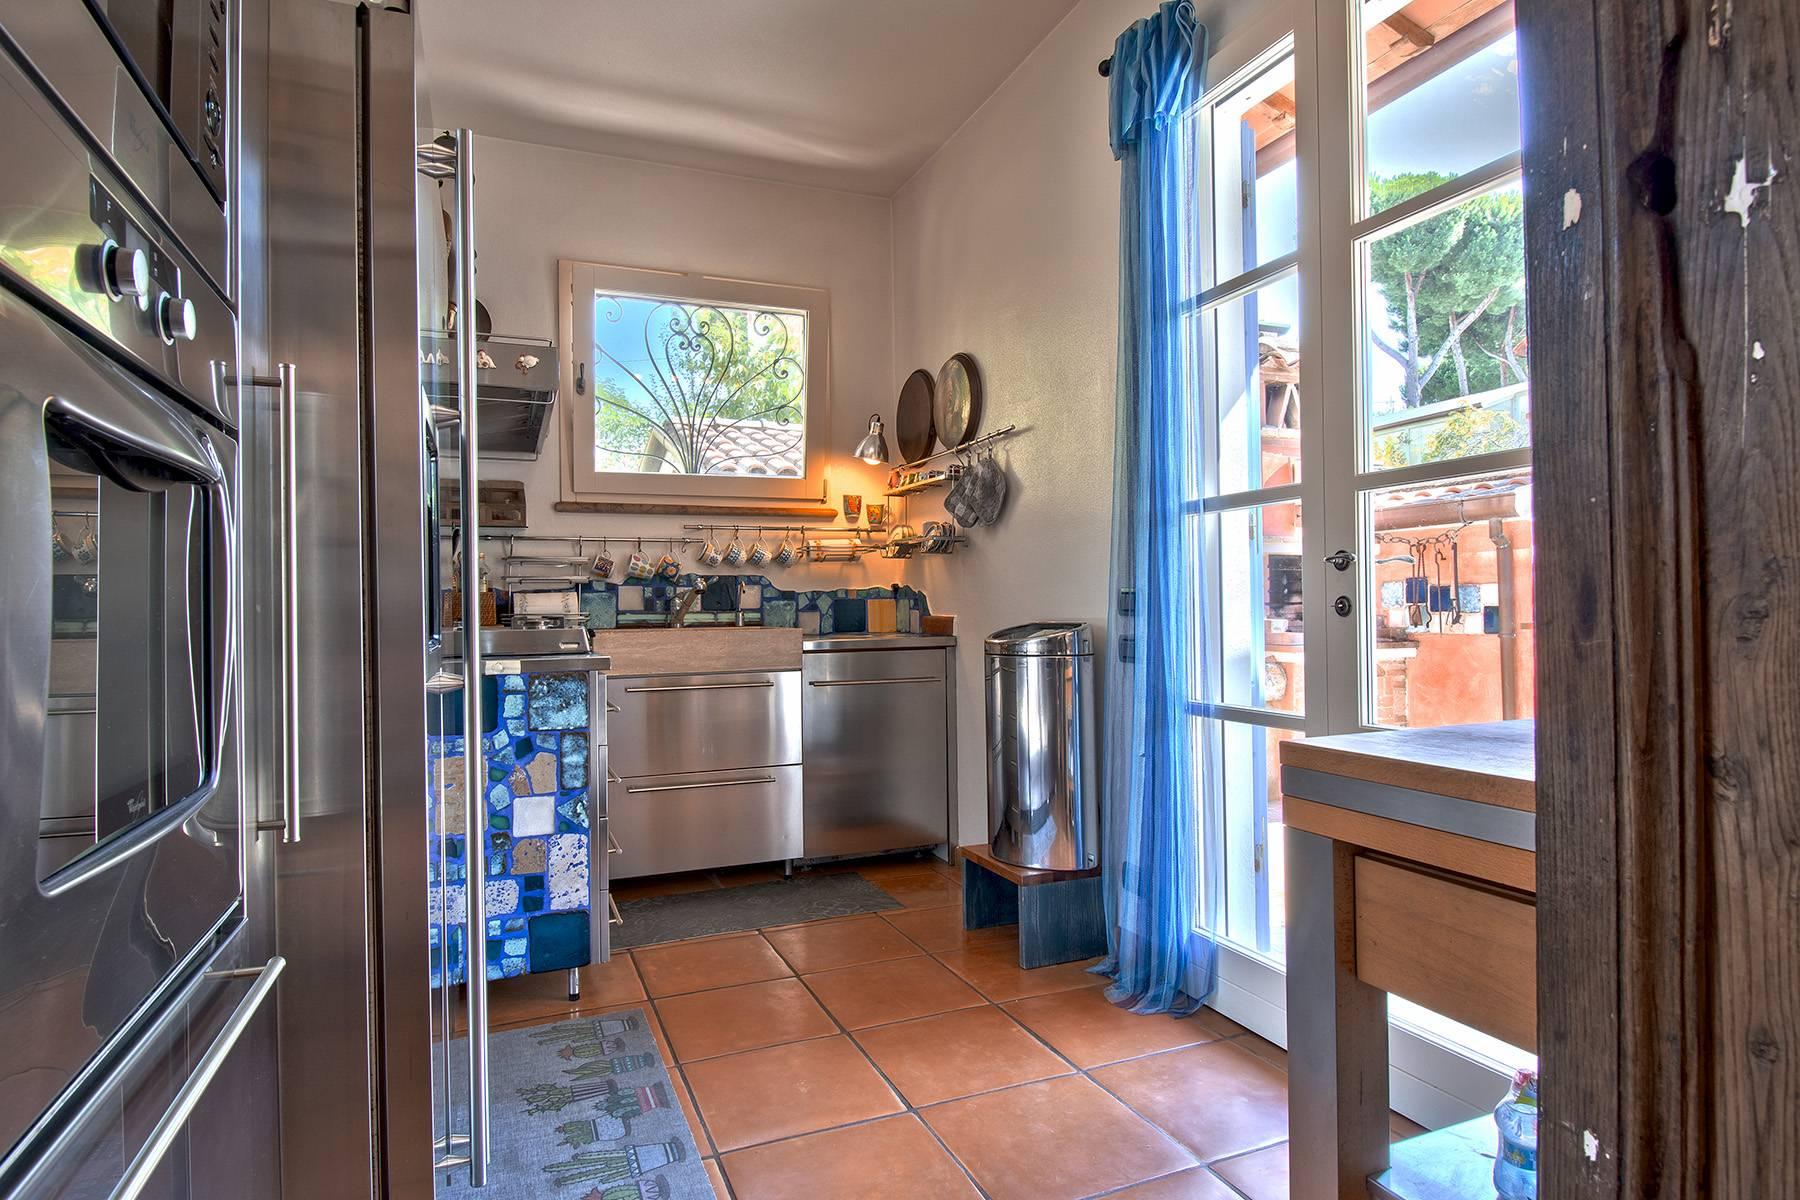 Casa indipendente in Vendita a Pietrasanta: 5 locali, 180 mq - Foto 8